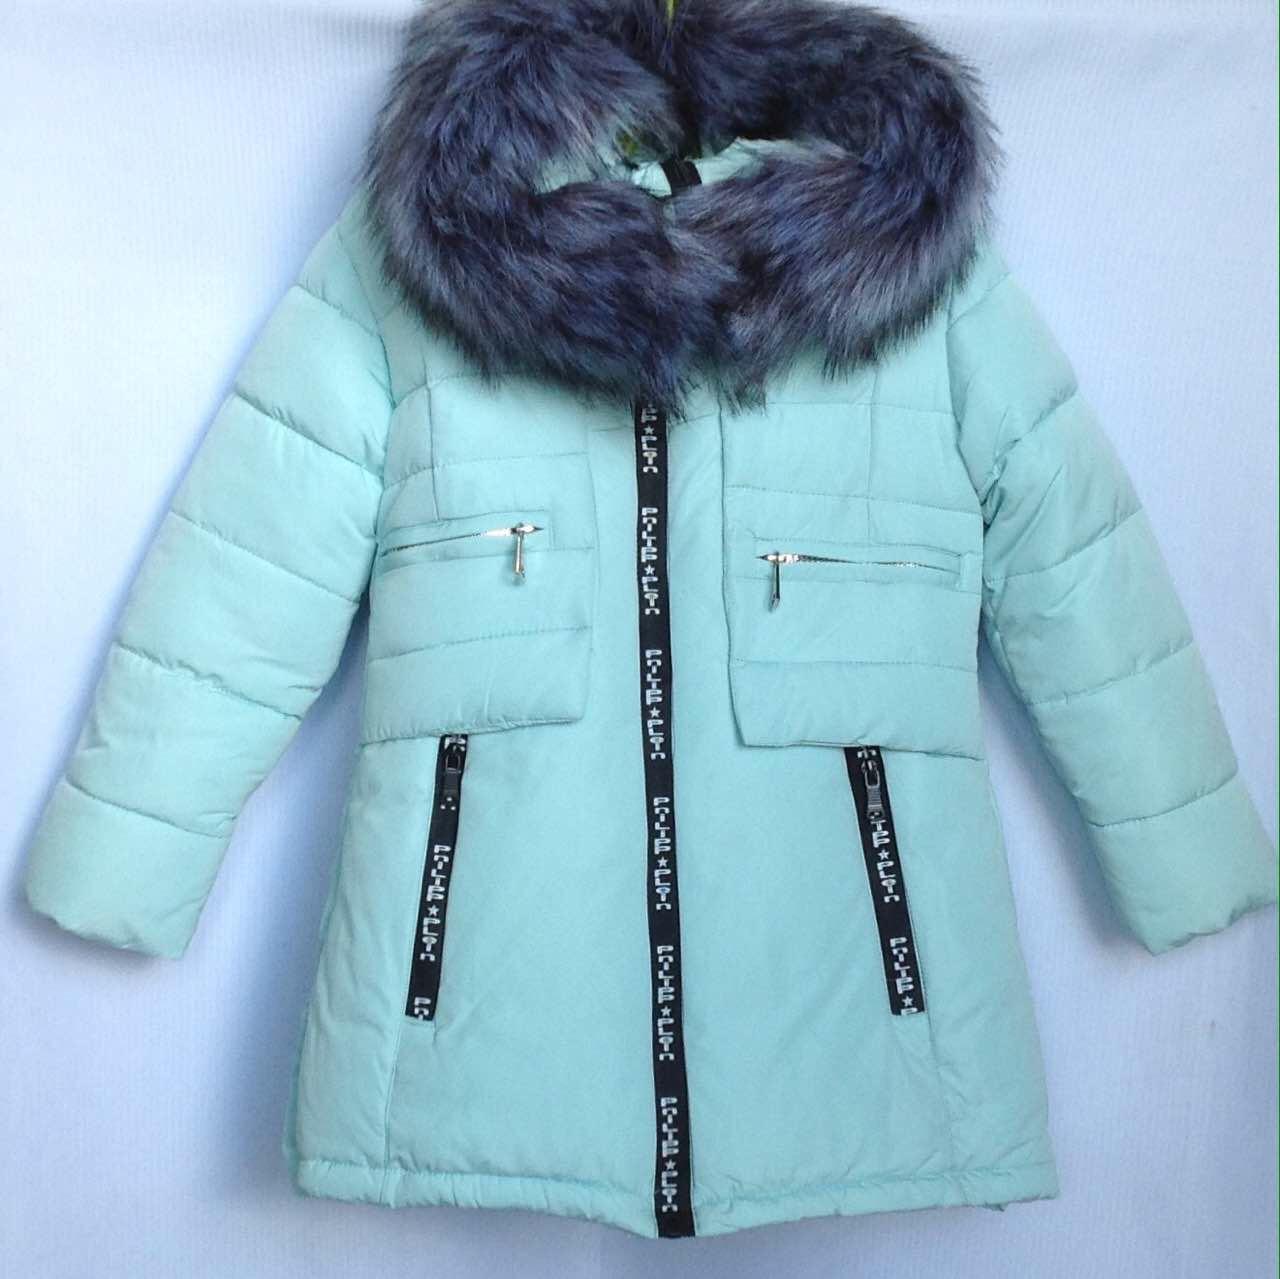 Дитяча зимова куртка для дівчинки оптом 116-140 - Товари - Дитячий ... 1275e667203e0